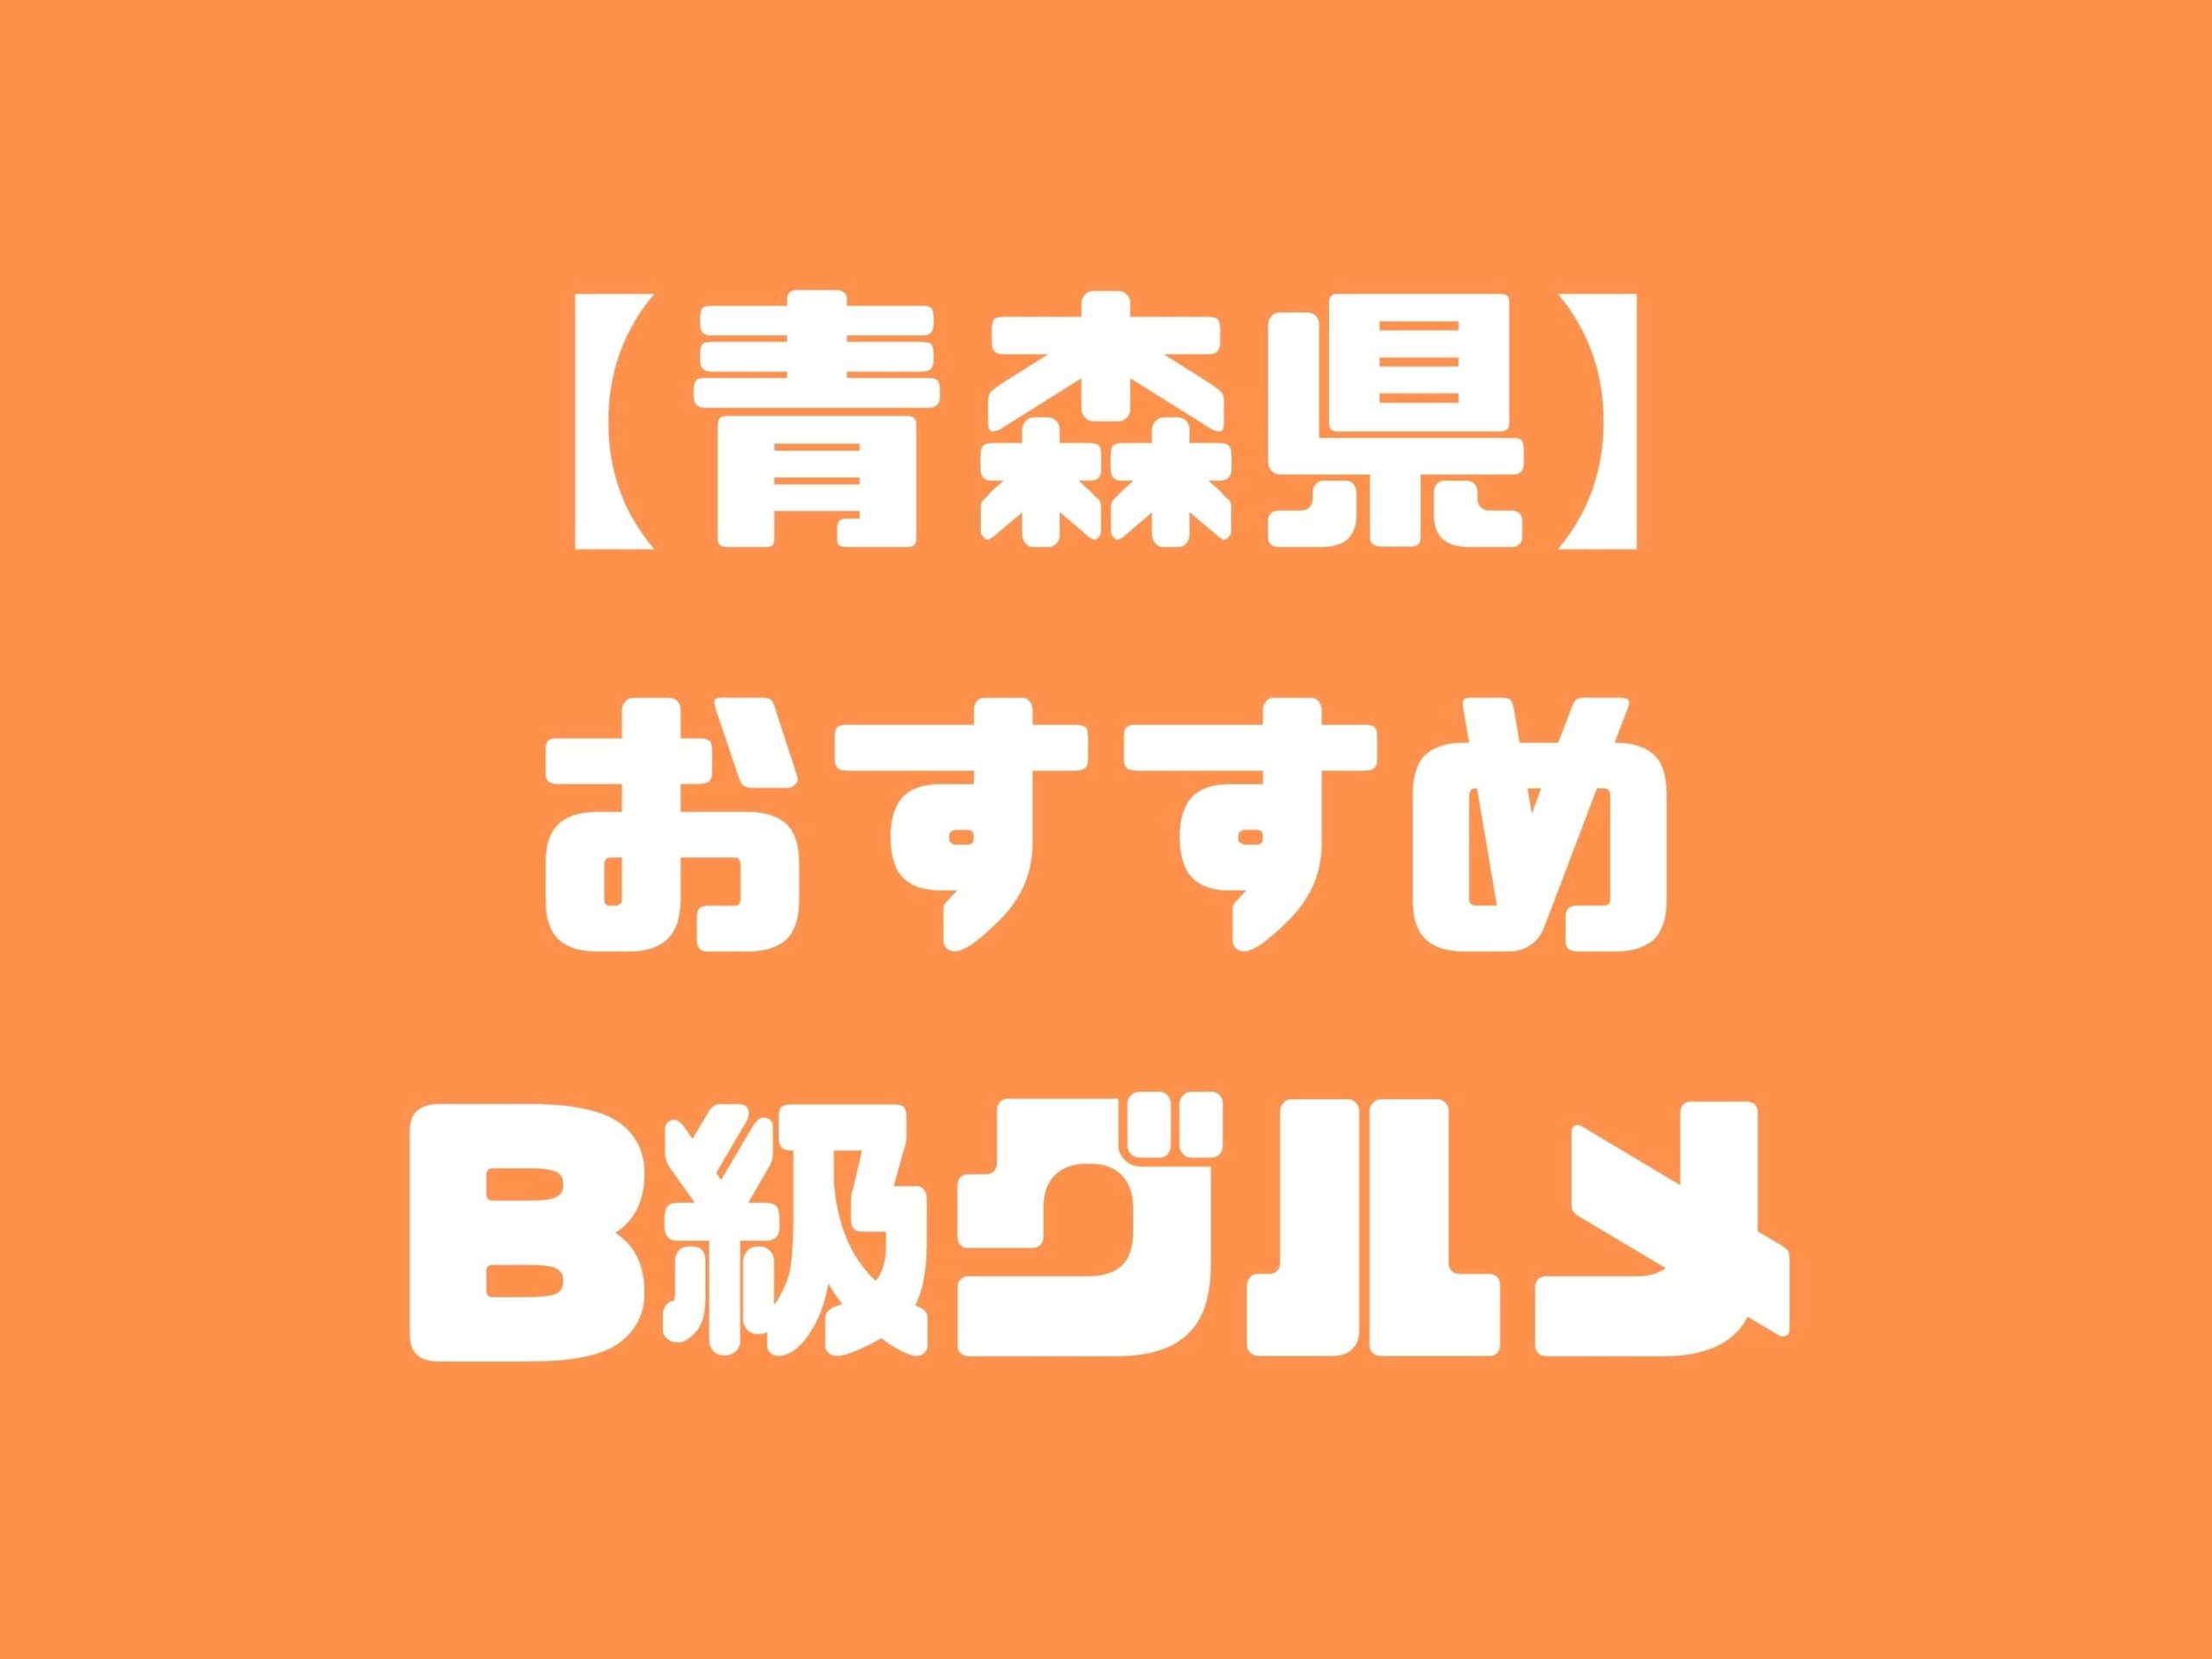 【青森県版】秘密のケンミンSHOWまとめ